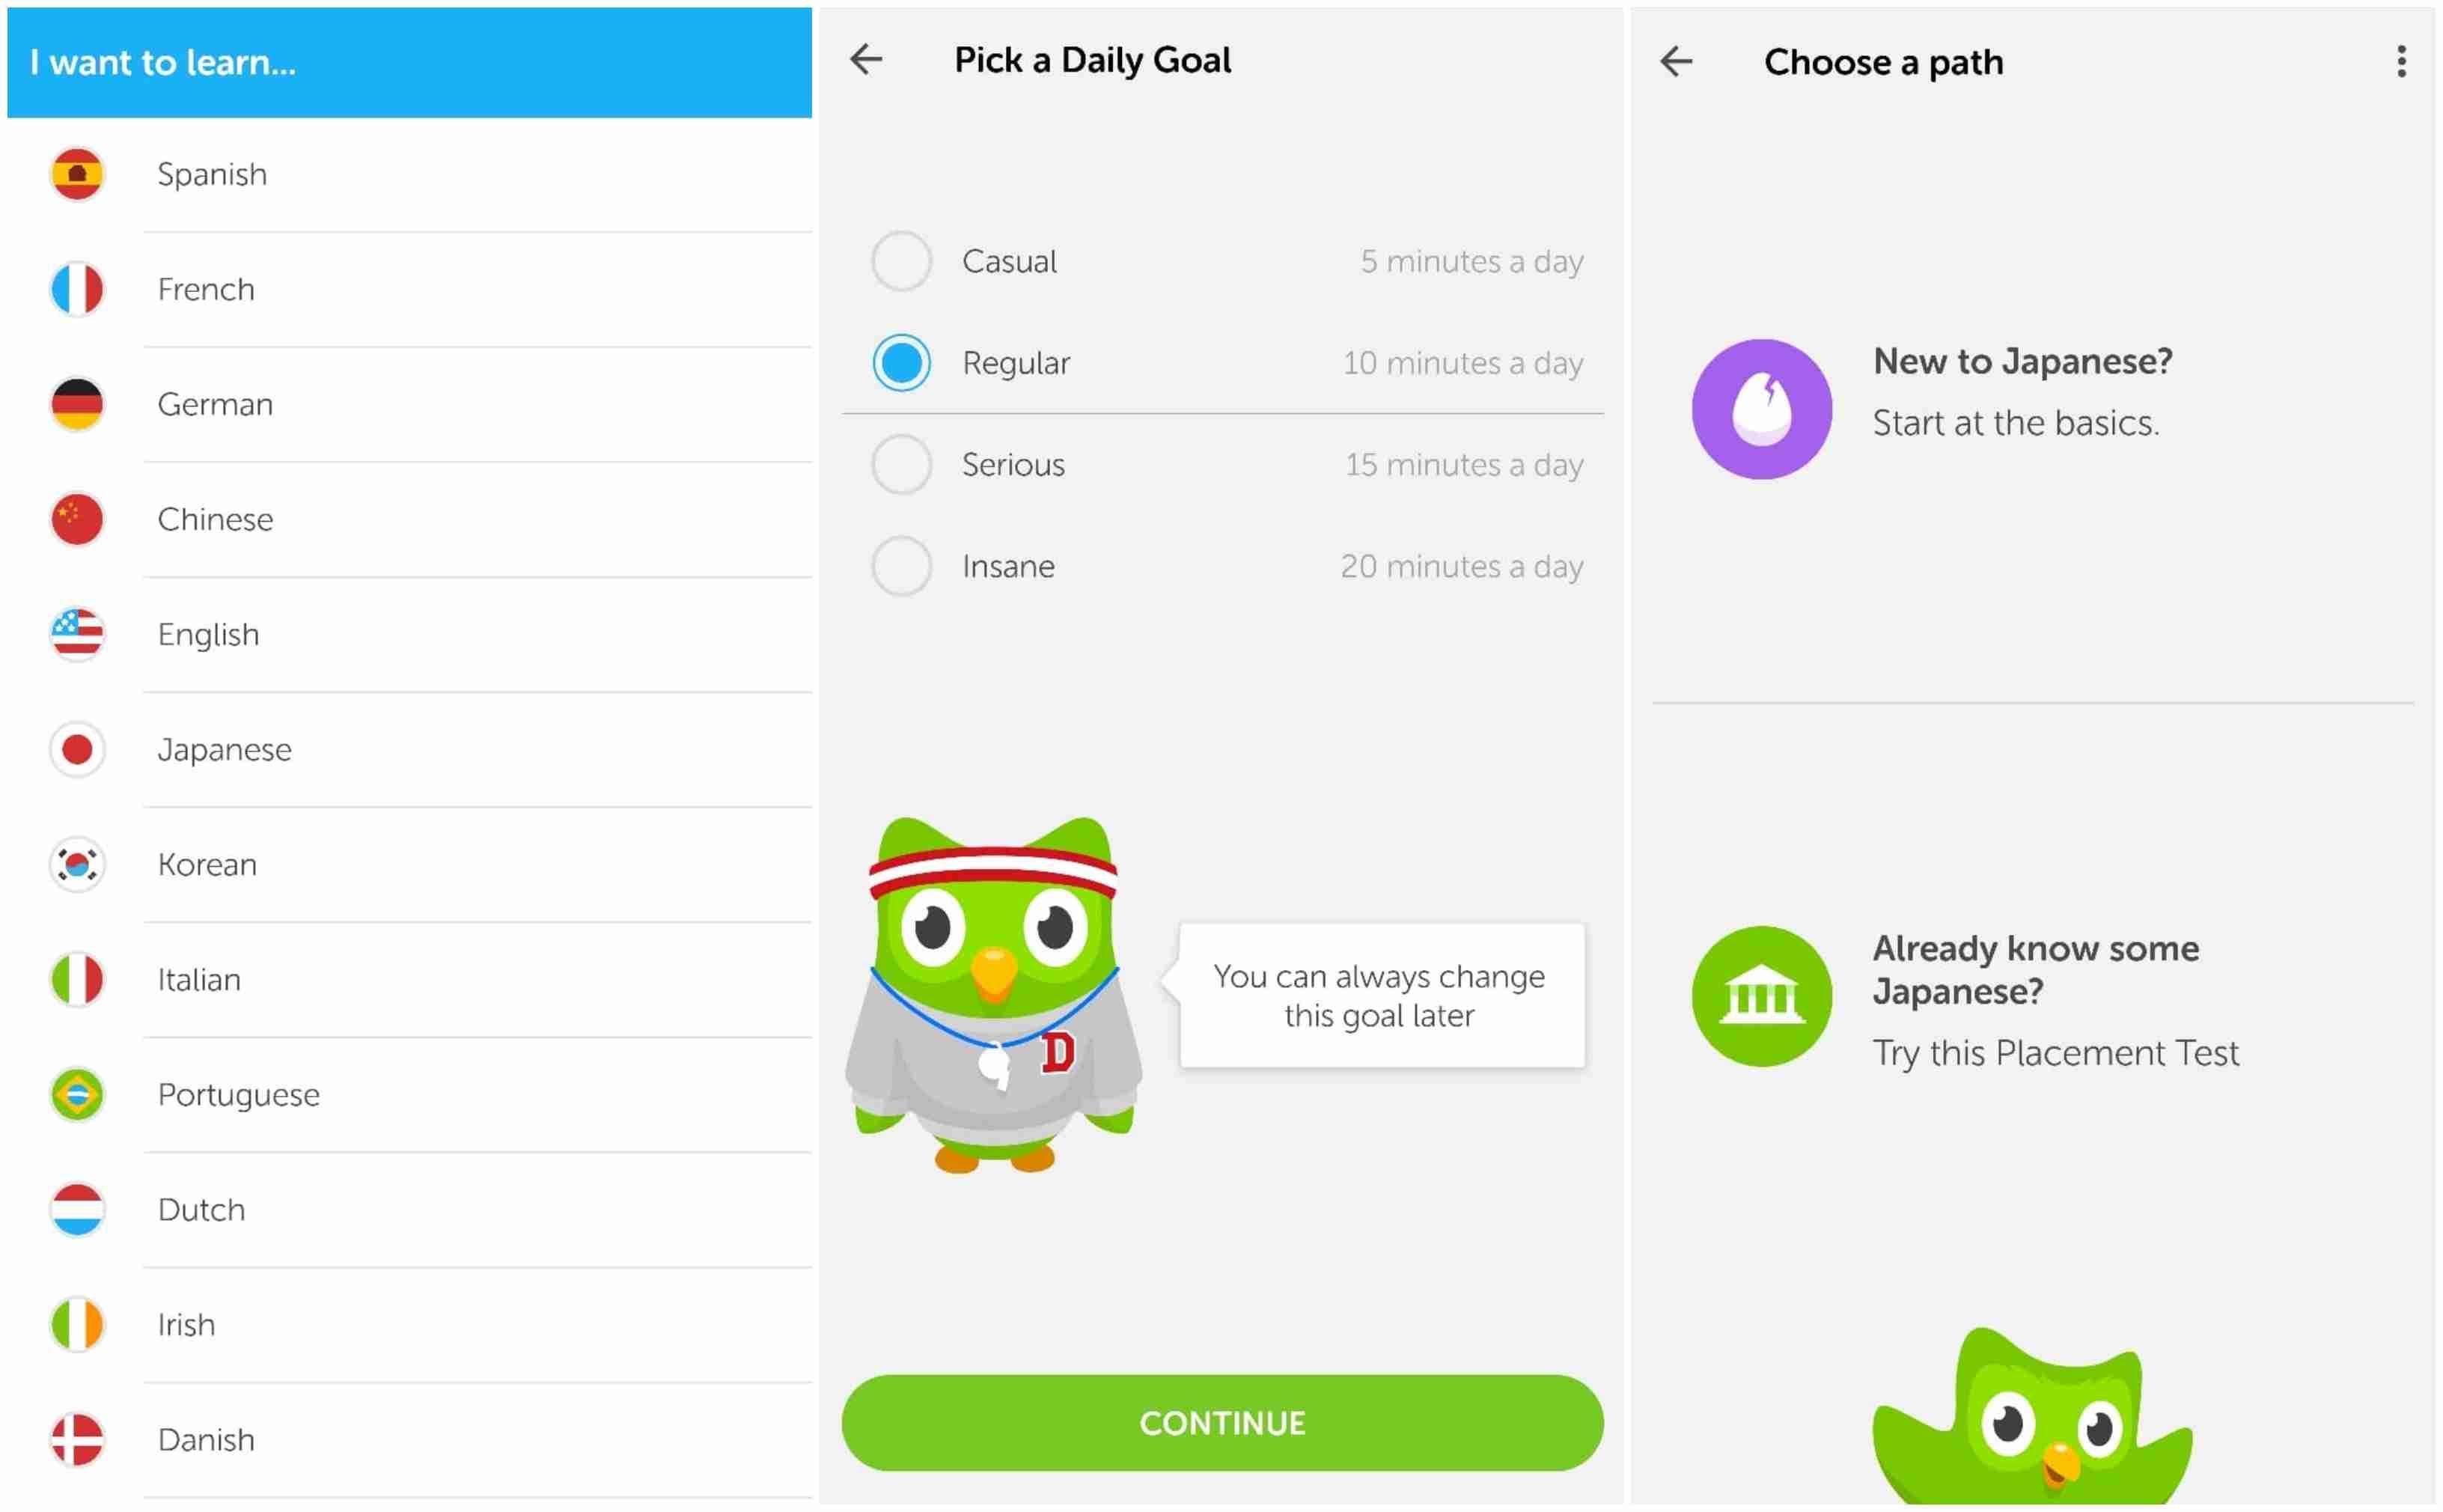 onboarding flow duolingo app